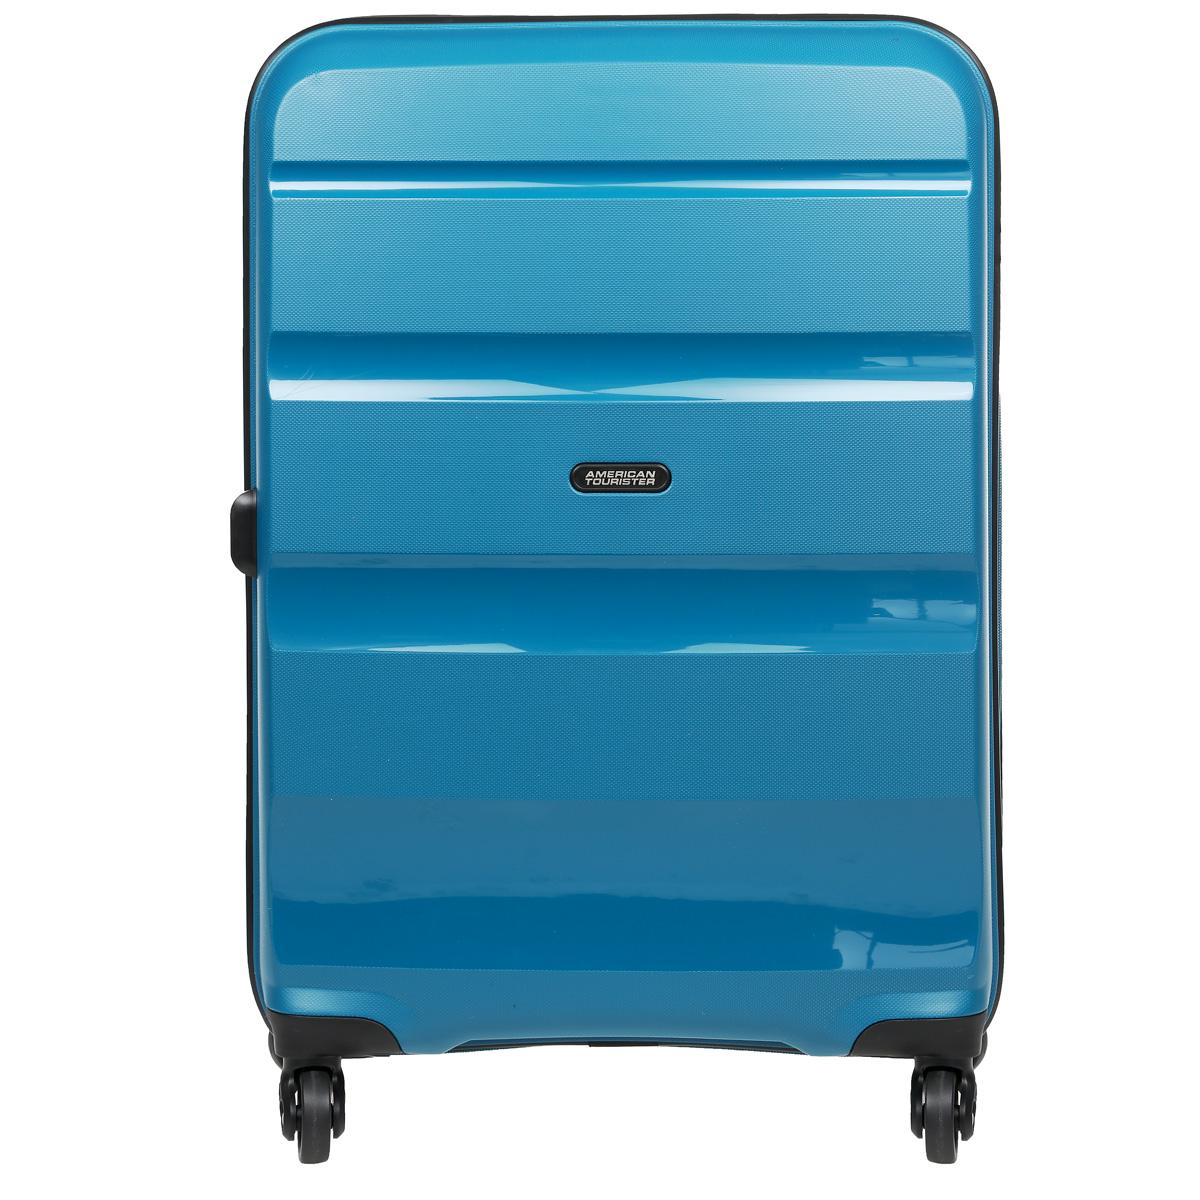 Чемодан American Tourister Bon Air, цвет: бирюзовый, 53 л85A*01002Чемодан American Tourister Bon Air прекрасно подойдет для путешествий. Имеет жесткую форму. Выполнен из прочного полипропилена, материал внутренней отделки - полиэстеровая ткань серого цвета. Чемодан очень вместителен, он содержит продуманную внутреннюю организацию, которая позволяет удобно разложить вещи и избежать их сминания. Имеется одно большое отделение, закрывающееся по периметру на застежку-молнию с двумя бегунками. Внутри содержатся два больших отдела для хранения одежды с перекрещивающимися багажными ремнями, соединяющимися при помощи пластикового карабина. Отдел на крышке скрытый и закрывается на молнию. Также внутри имеется два сетчатых кармана на молнии и дополнительное отделение на молнии. Для удобной перевозки чемодан оснащен четырьмя маневренными колесами, которые обеспечивают легкость перемещения в любом направлении. Телескопическая ручка выдвигается нажатием на кнопку и фиксируется в 2-х положениях. Сверху предусмотрена ручка для поднятия чемодана. Небольшие размеры позволяют проносить чемодан в салон самолета в качестве ручной клади. Чемодан оснащен кодовым замком TSA, который исключает возможность взлома. Отверстие в кодовом замке предназначено для работников таможни (открытие багажа для досмотра без присутствия хозяина). Ключ находится только у таможни. Чемодан American Tourister Bon Air идеально подходит для поездок и путешествий. Он вместит все необходимые вещи и станет незаменимым аксессуаром во время поездок. Размер чемодана (ДхШхВ): 46 см x 26 см х 55,5 см. Высота чемодана (с учетом колес и максимально выдвинутой ручки): 104 см. Максимальная высота выдвижной ручки: 44 см. Диаметр колеса: 5 см.